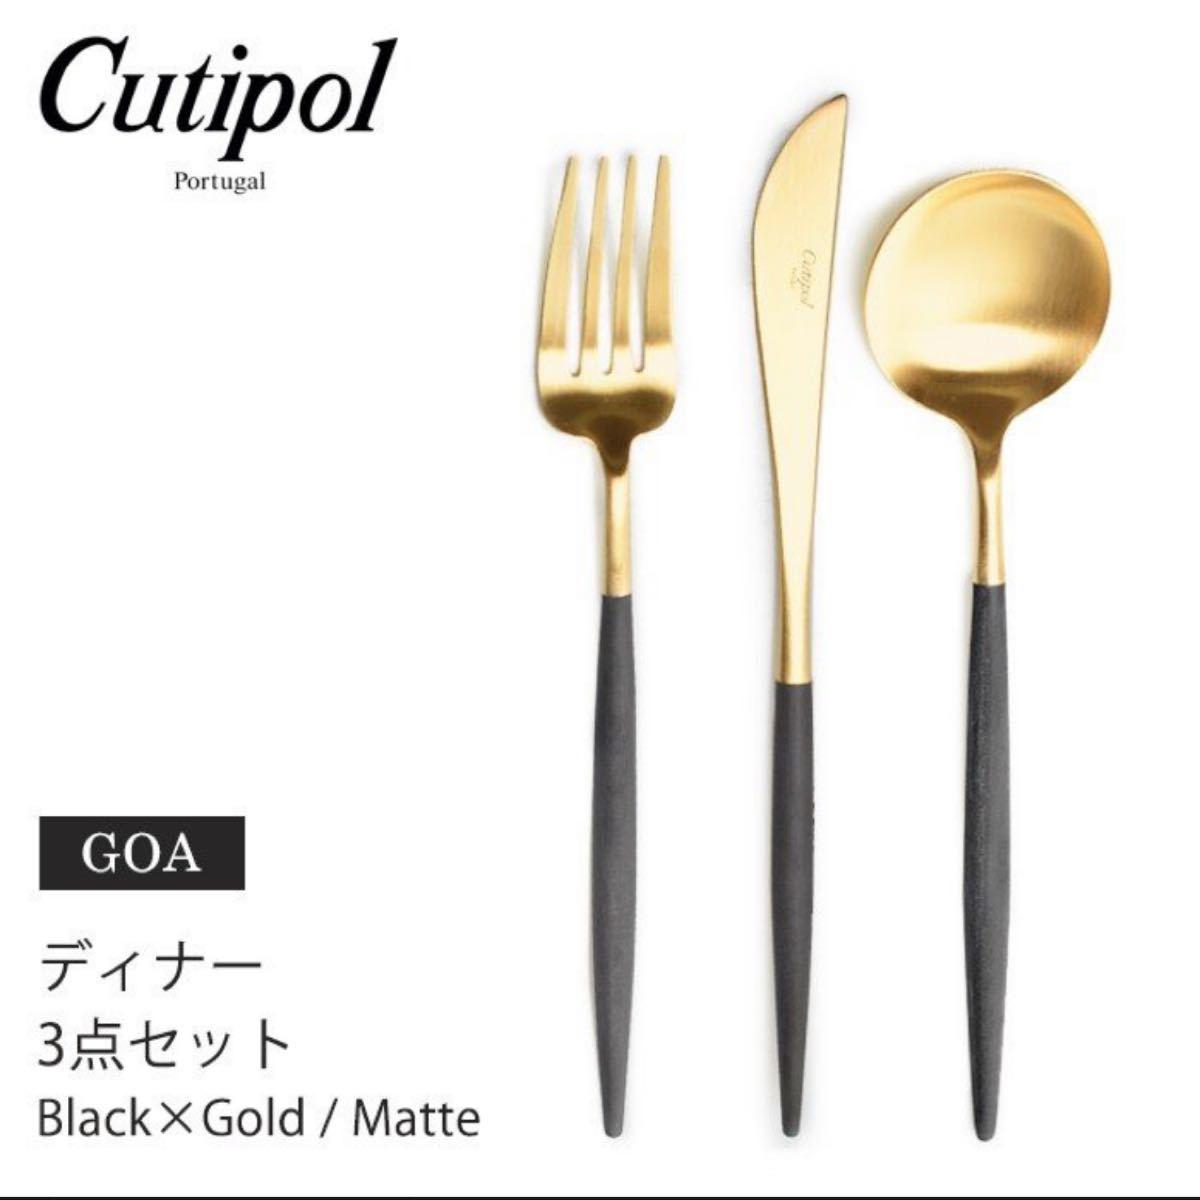 クチポール ゴア ディナー 3点 箱なし ブラック ゴールド マット cutipol goa ナイフ フォーク スプーン 北欧雑貨